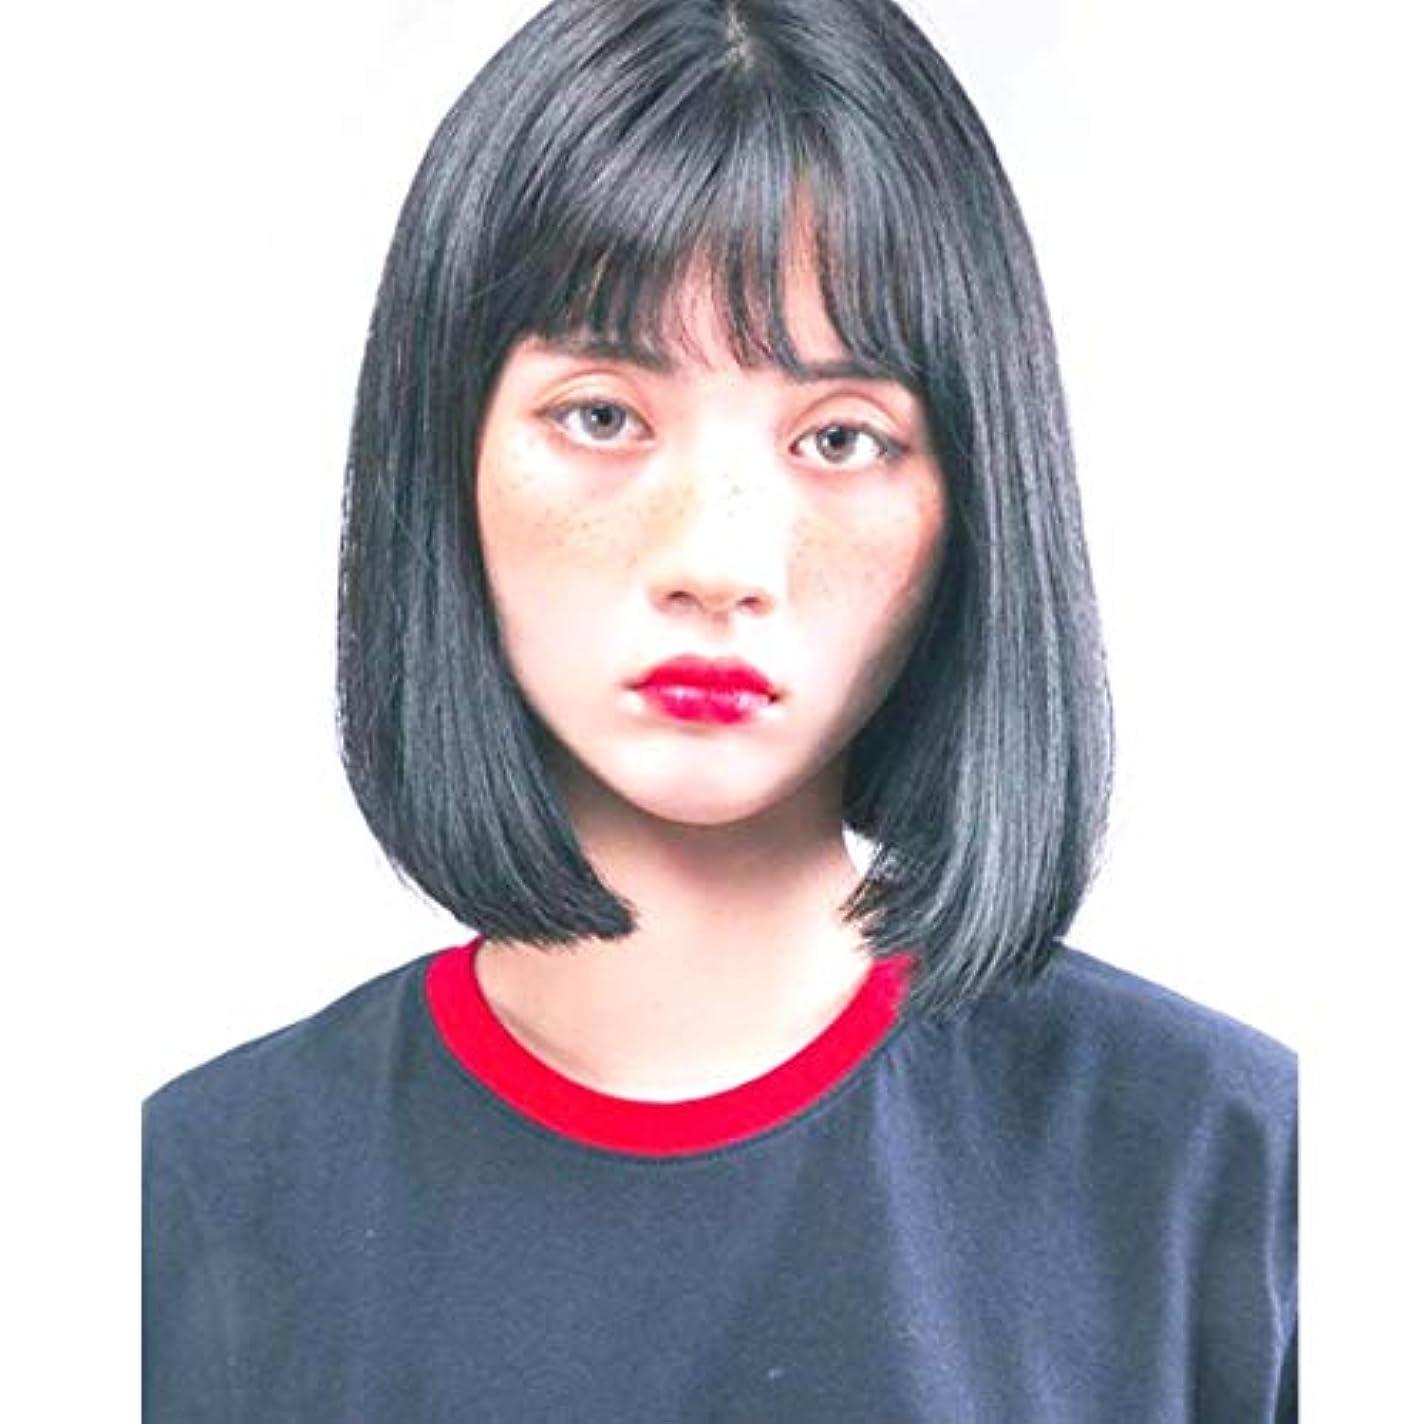 印象的なリース費用Kerwinner ボブウィッグショートストレート人工毛髪前髪自然に見える女性用耐熱性